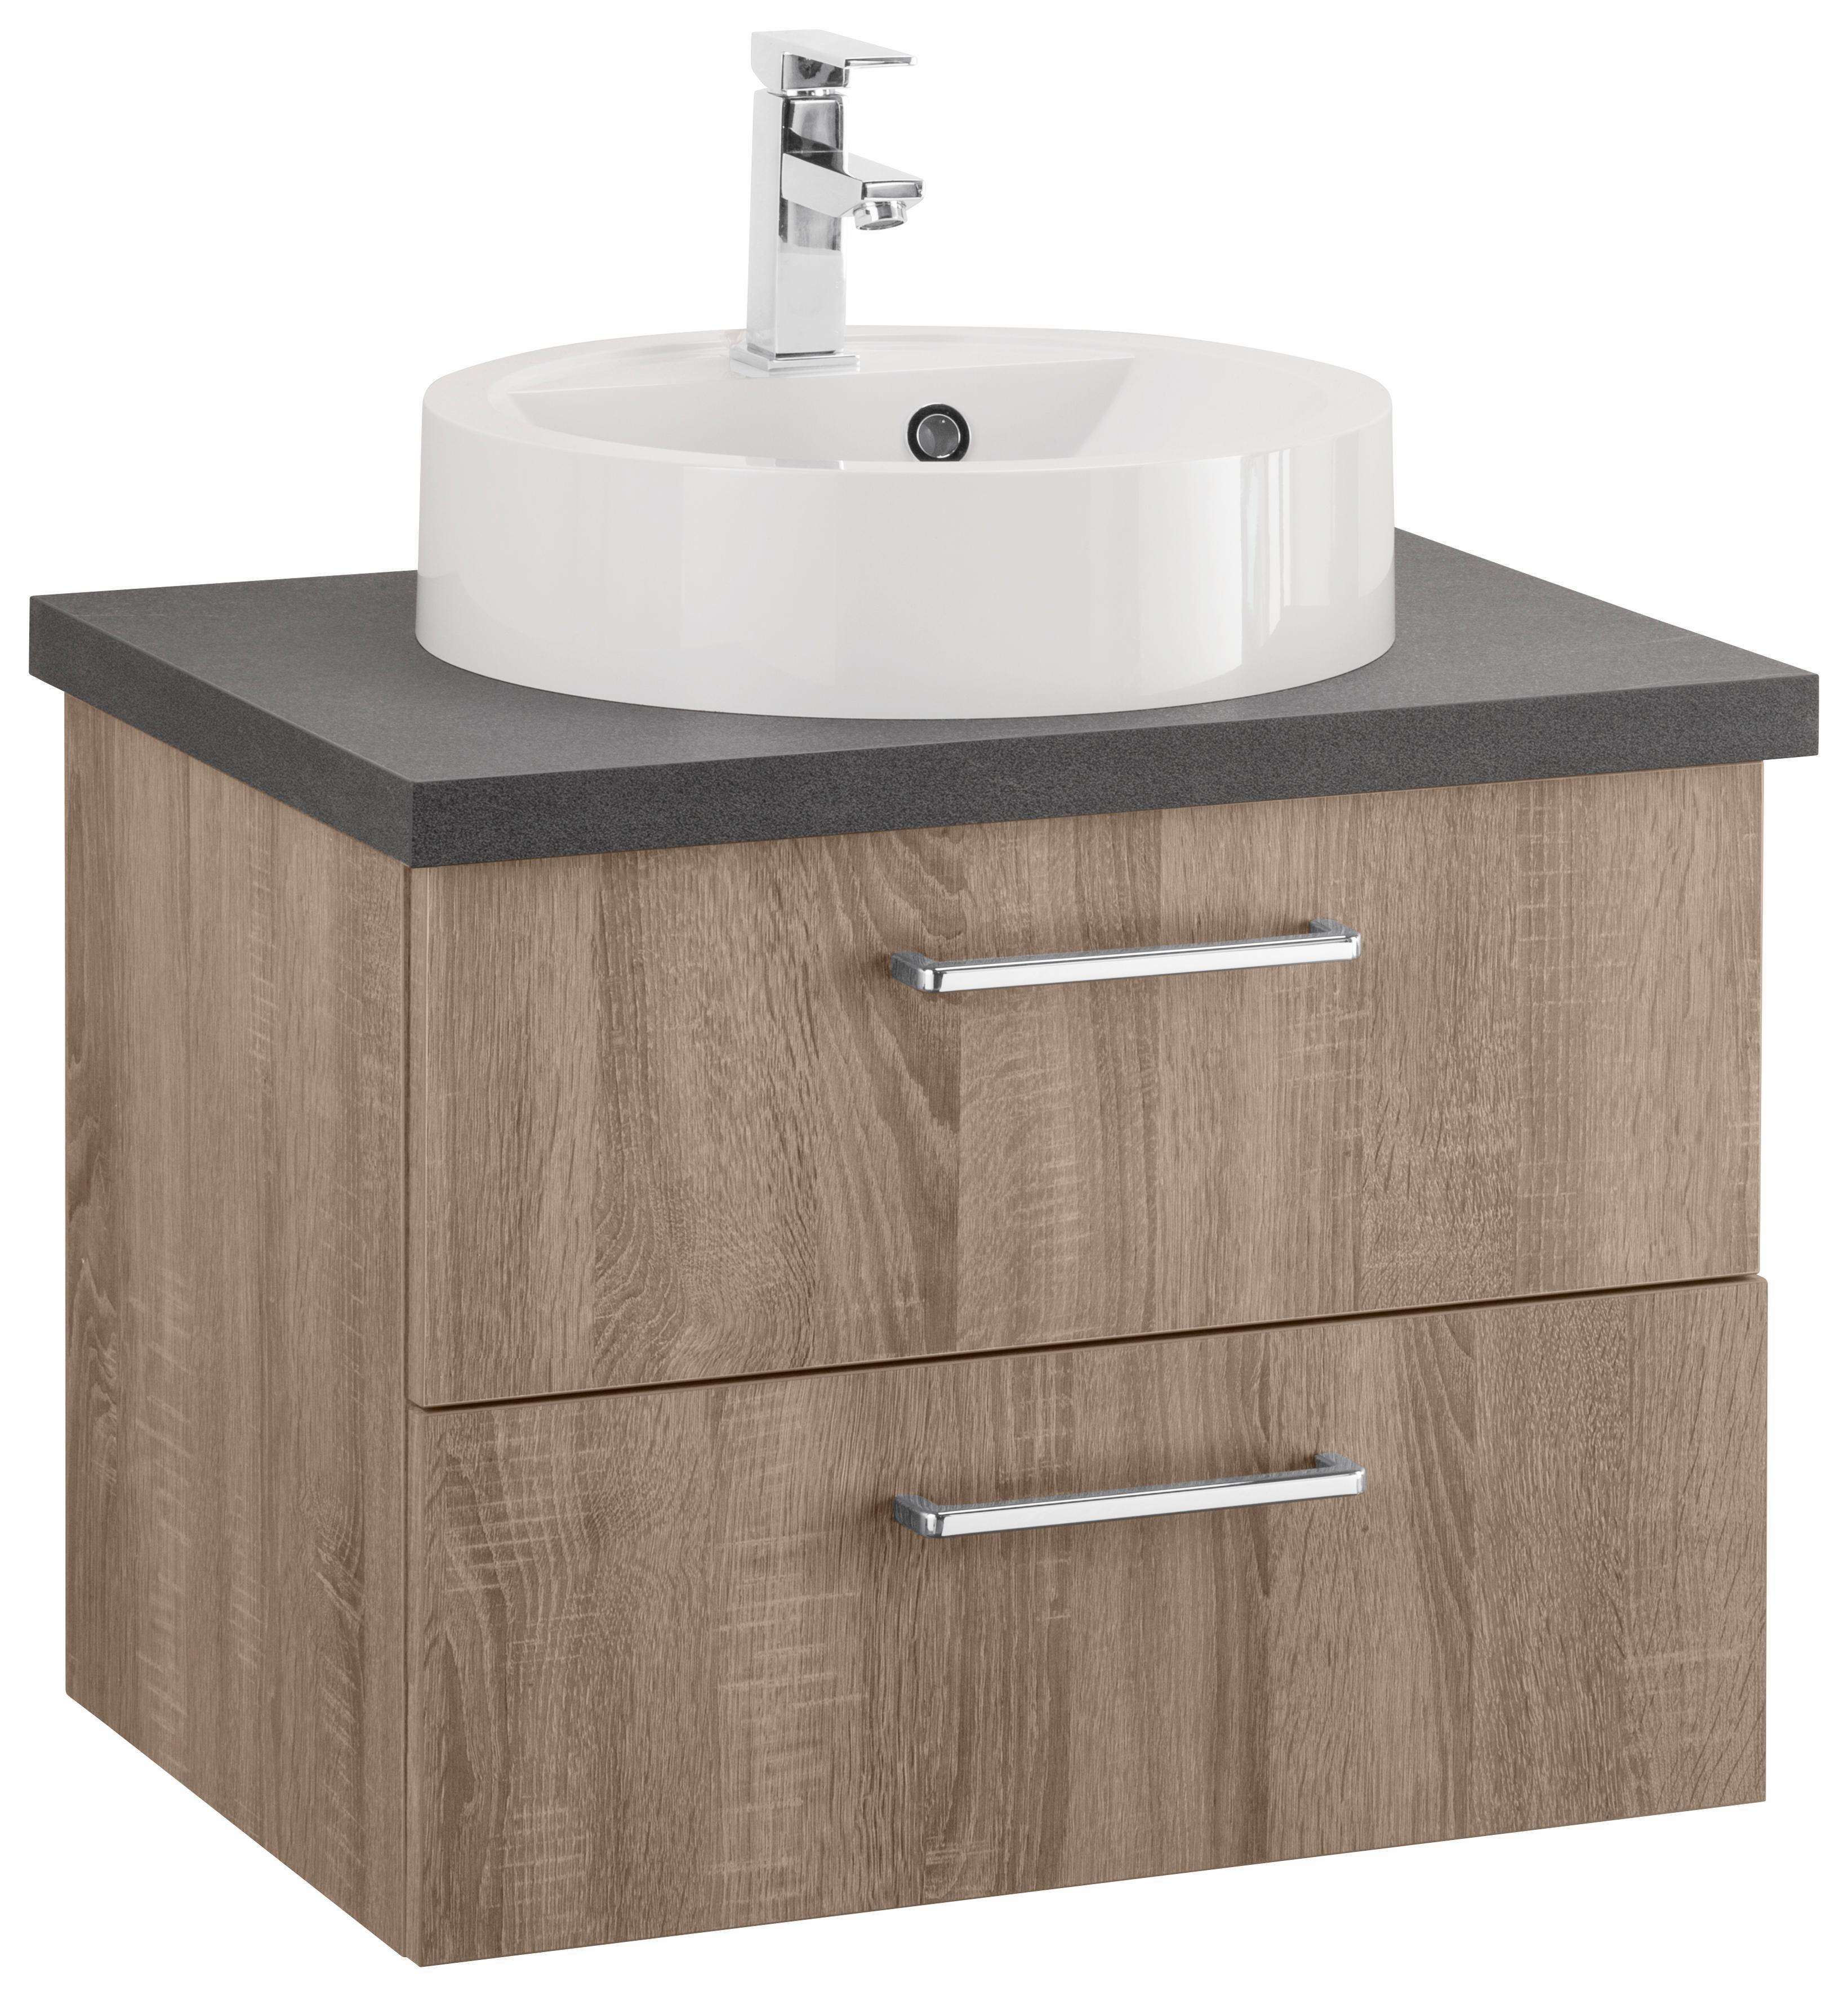 wandarmatur waschtisch preisvergleich die besten angebote online kaufen. Black Bedroom Furniture Sets. Home Design Ideas